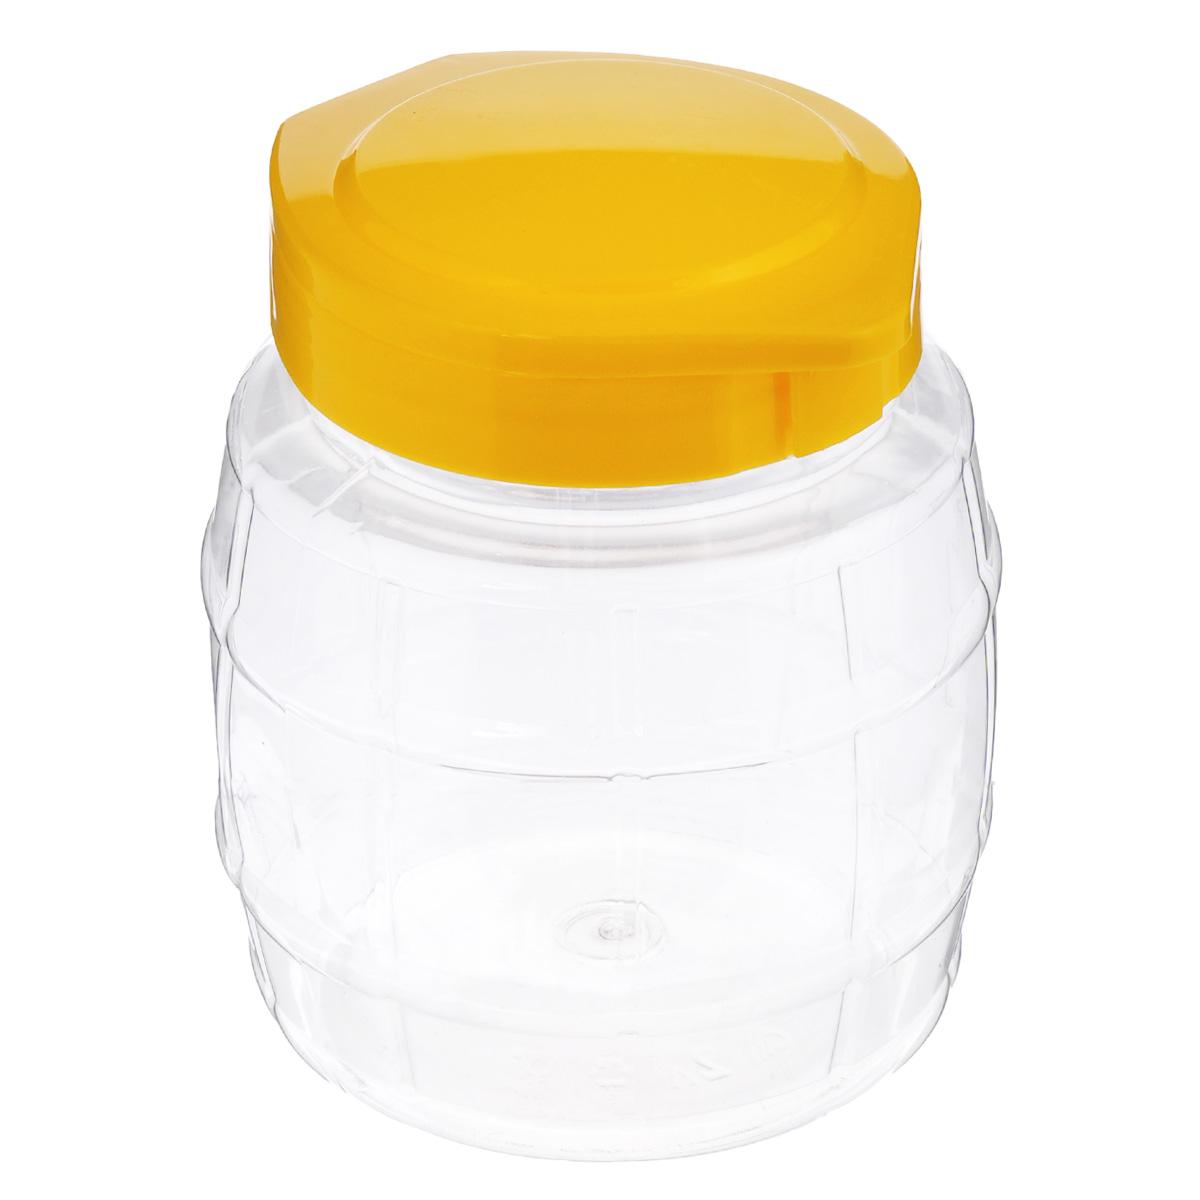 Емкость Альтернатива Бочонок, с крышкой на защелке, цвет: желтый, 2 лМ2021Емкость Альтернатива Бочонок выполнена из высококачественного пластика и предназначена для хранения сыпучих продуктов или жидкостей. Изделие оснащено удобной крышкой на защелке. Диаметр основания: 13,5 см. Высота (без учета крышки): 16 см.